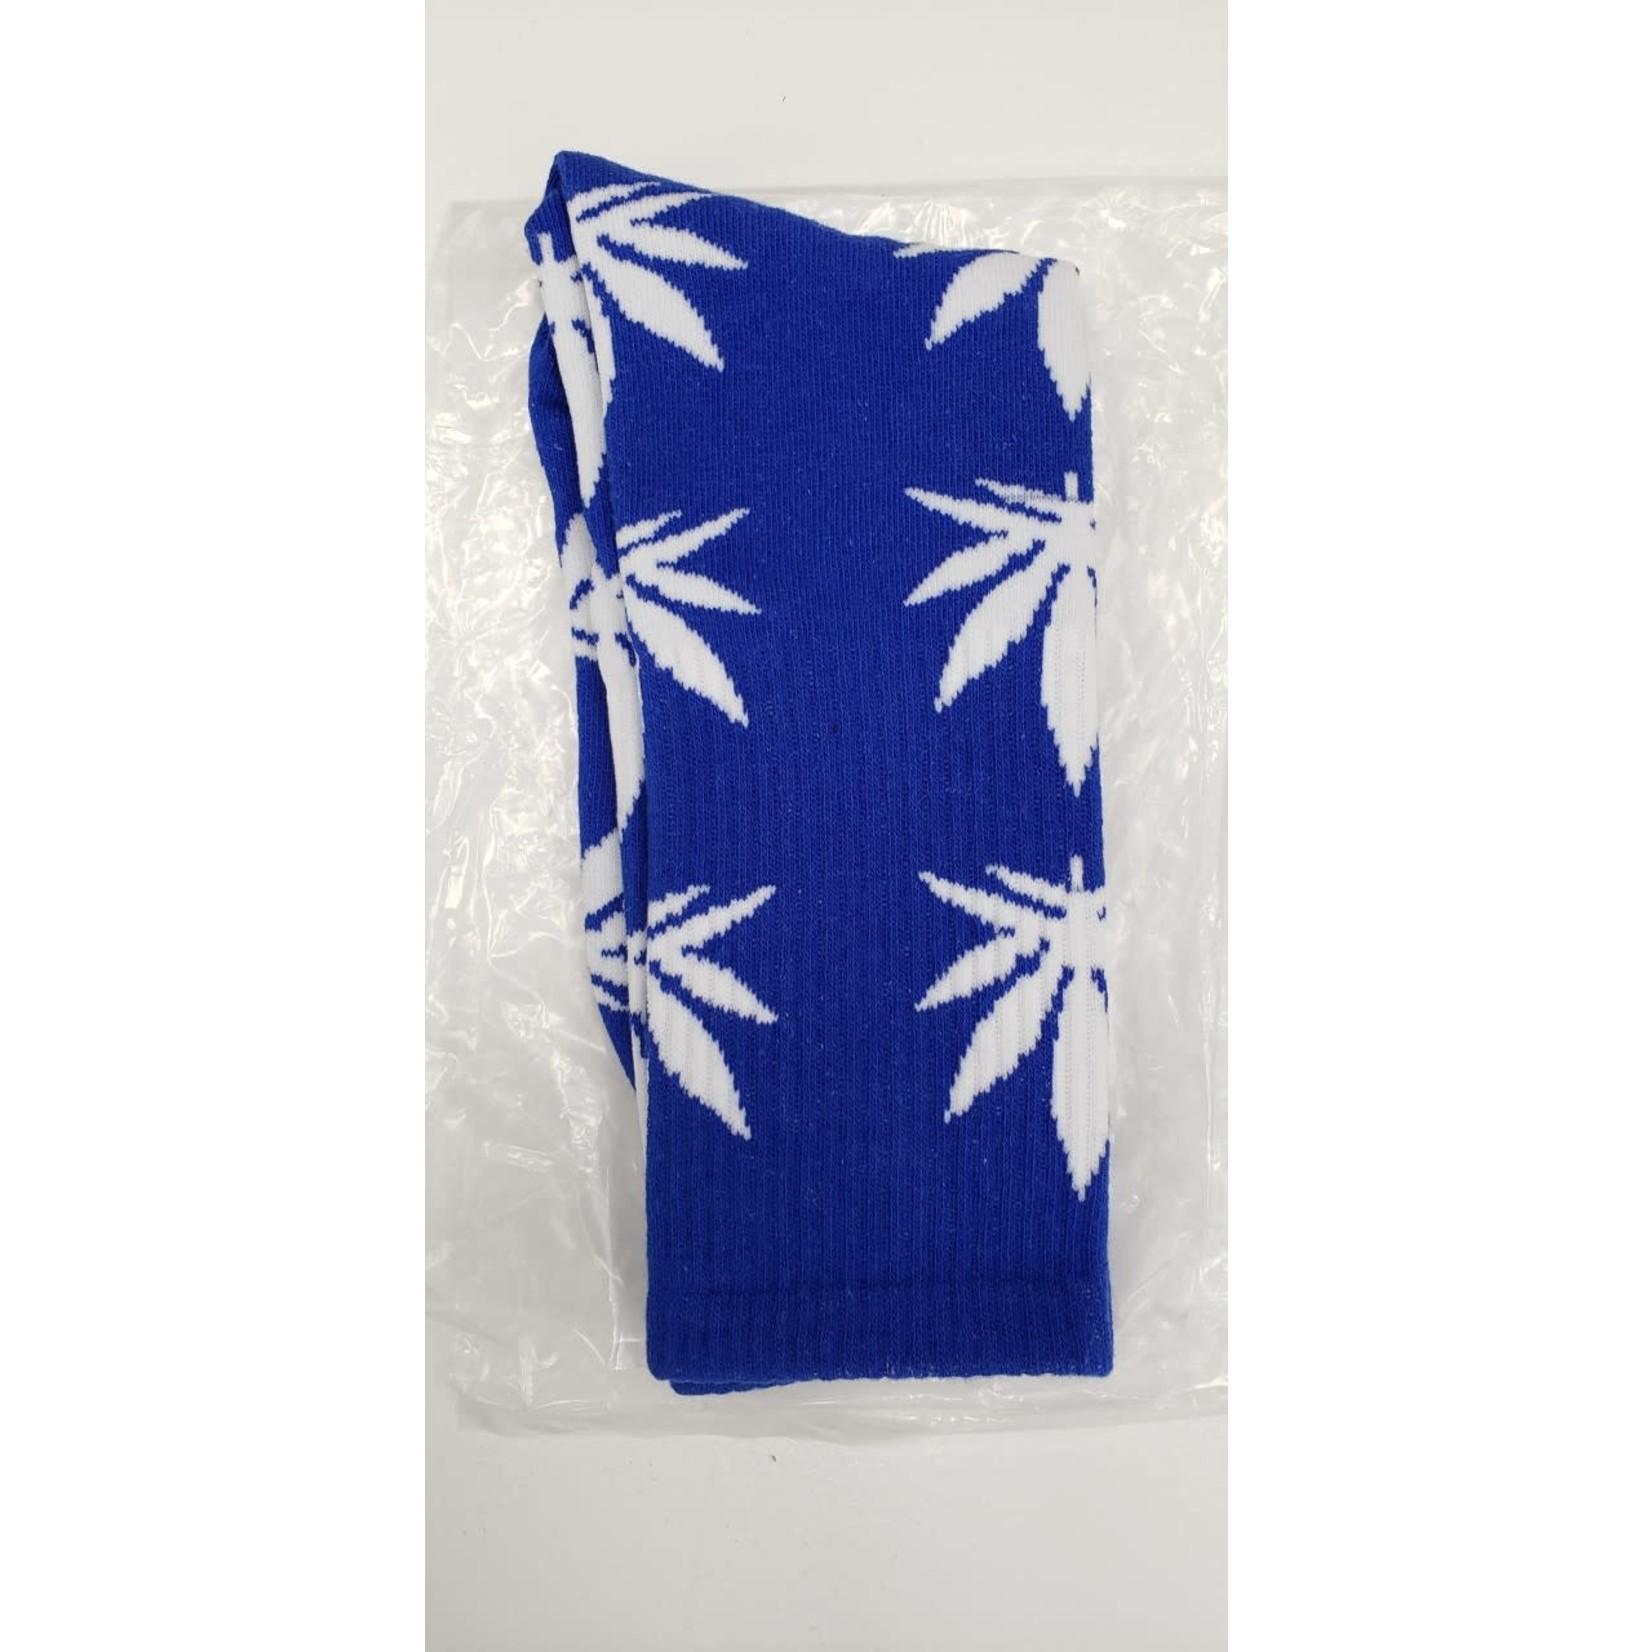 Weed leaf Socks Unisex Medium